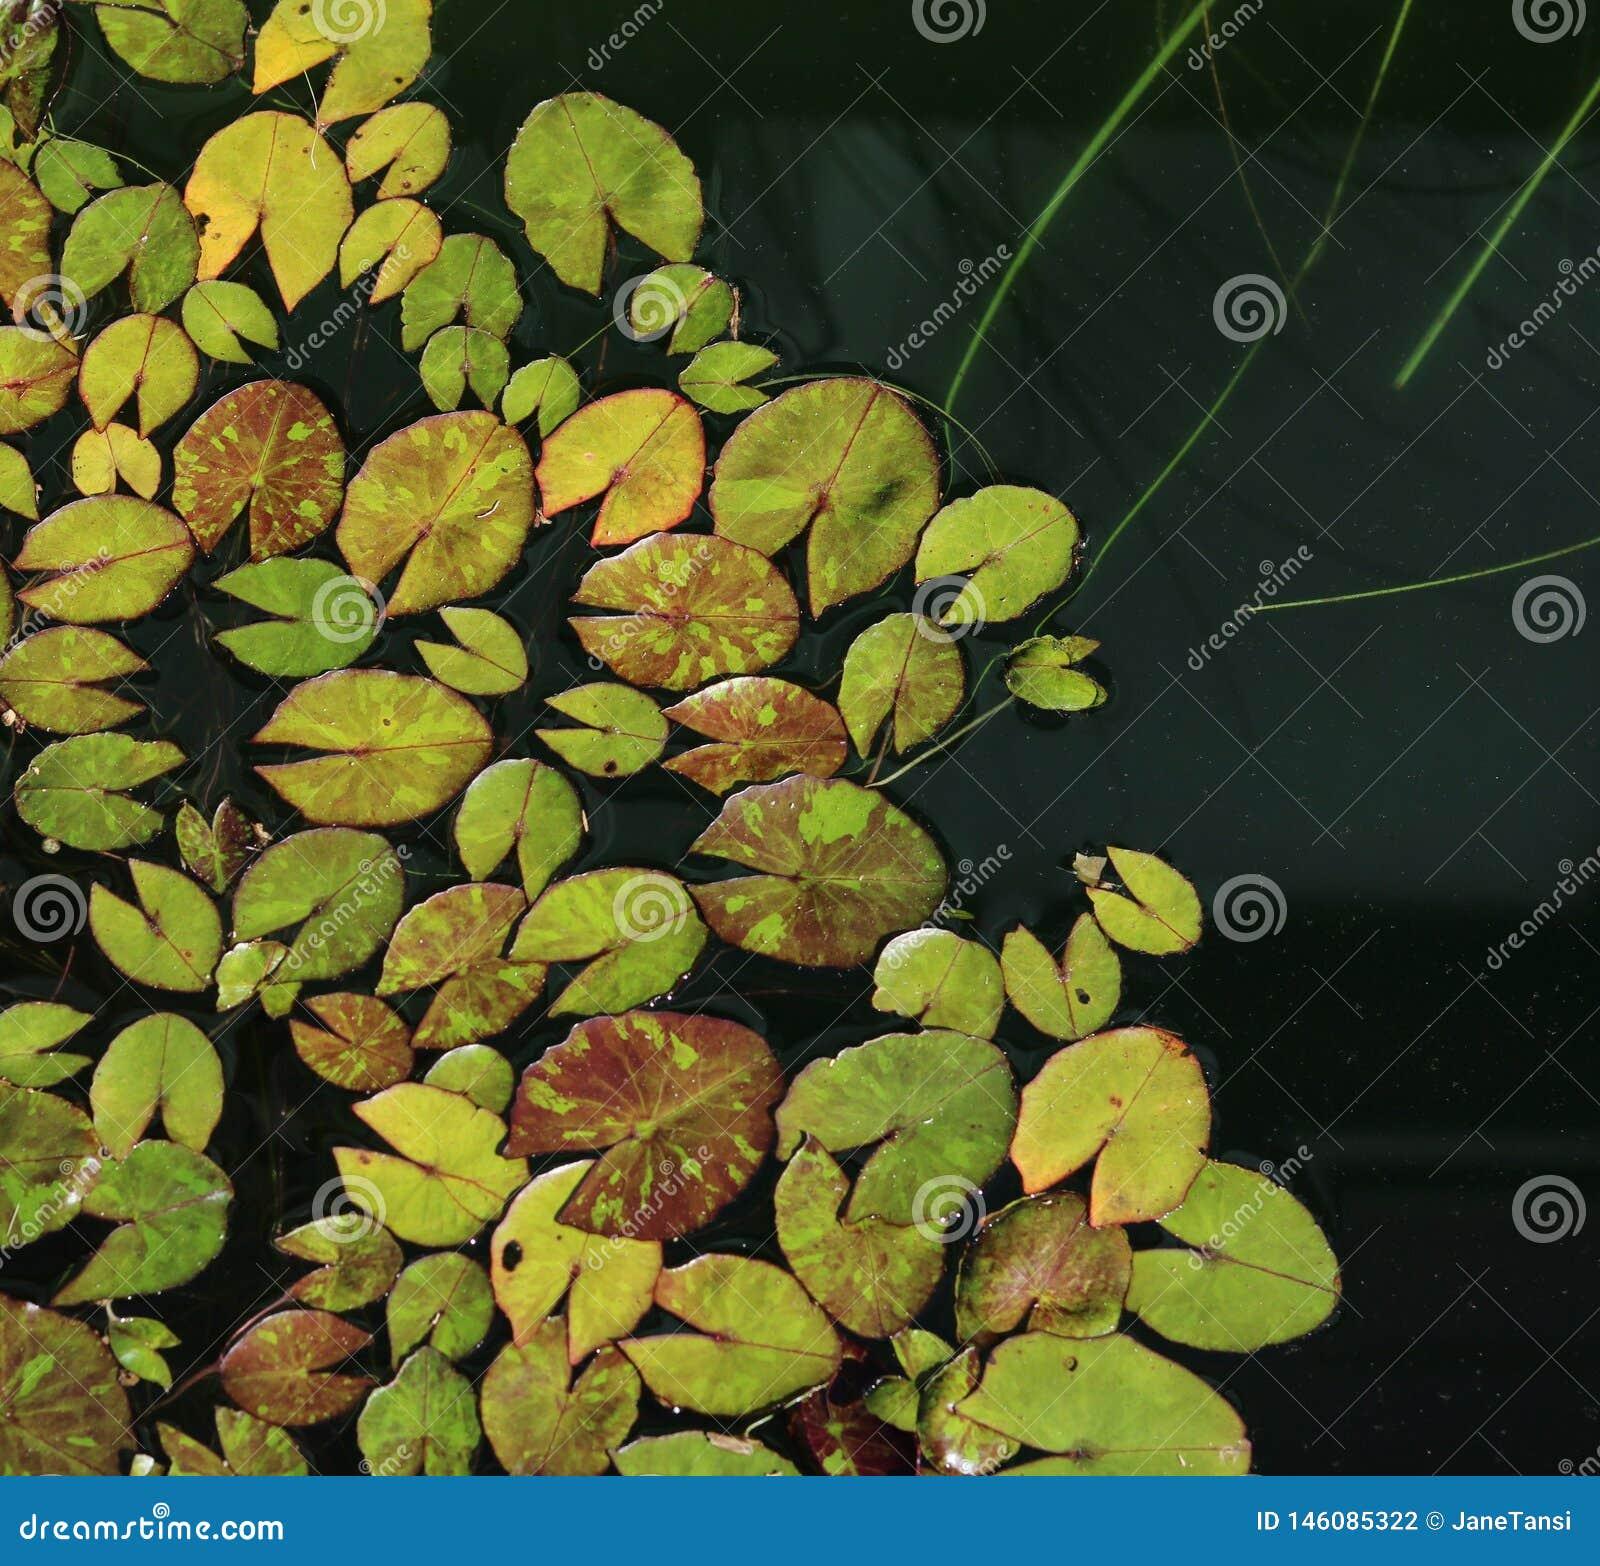 De miniatuur gevormde achtergrondafbeelding van waterleliebladeren